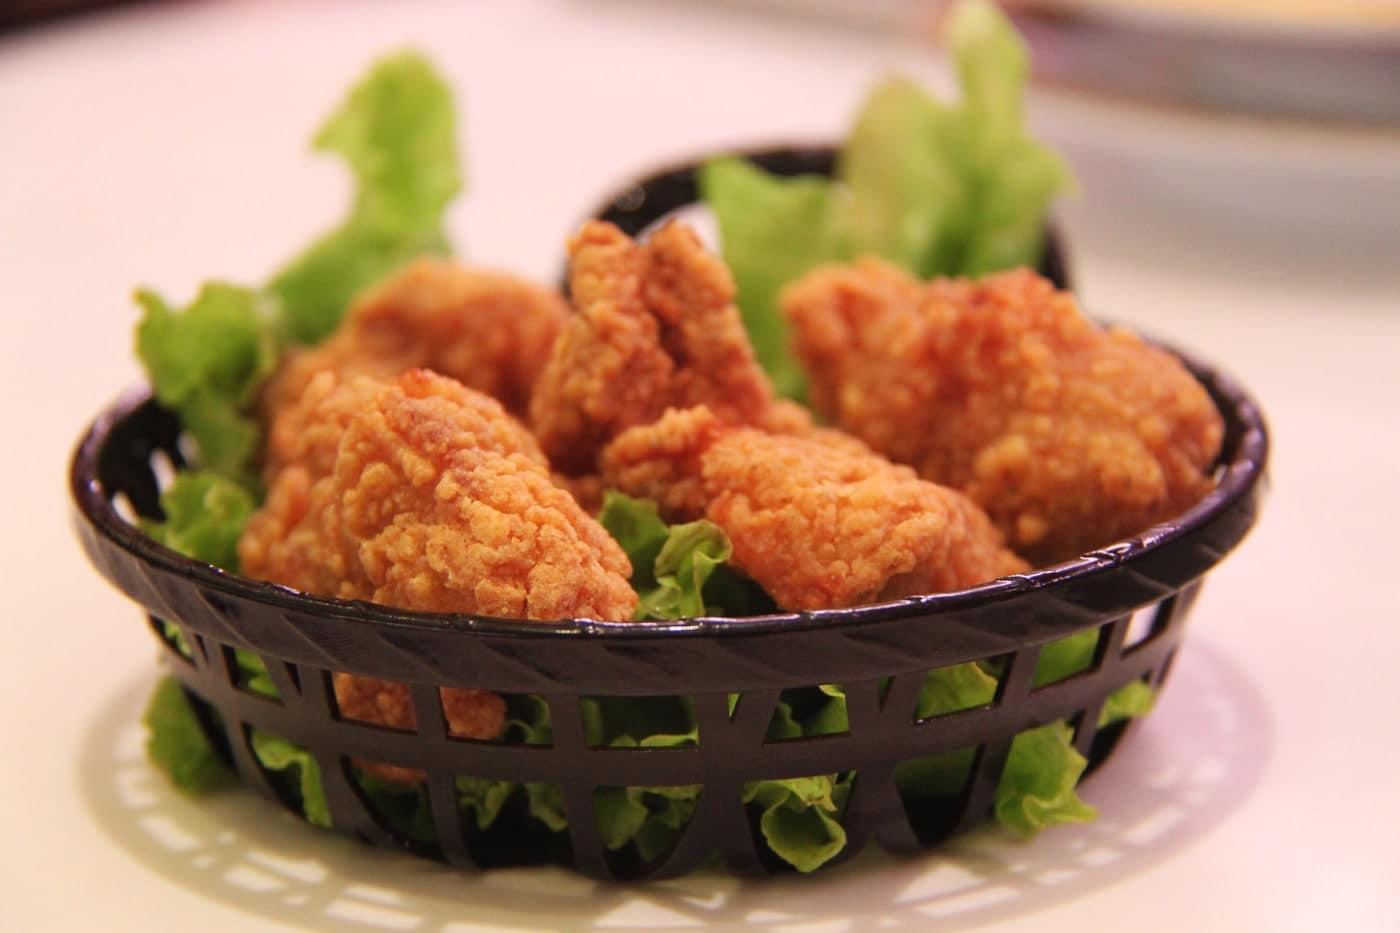 تهیه ناگت مرغ خانگی